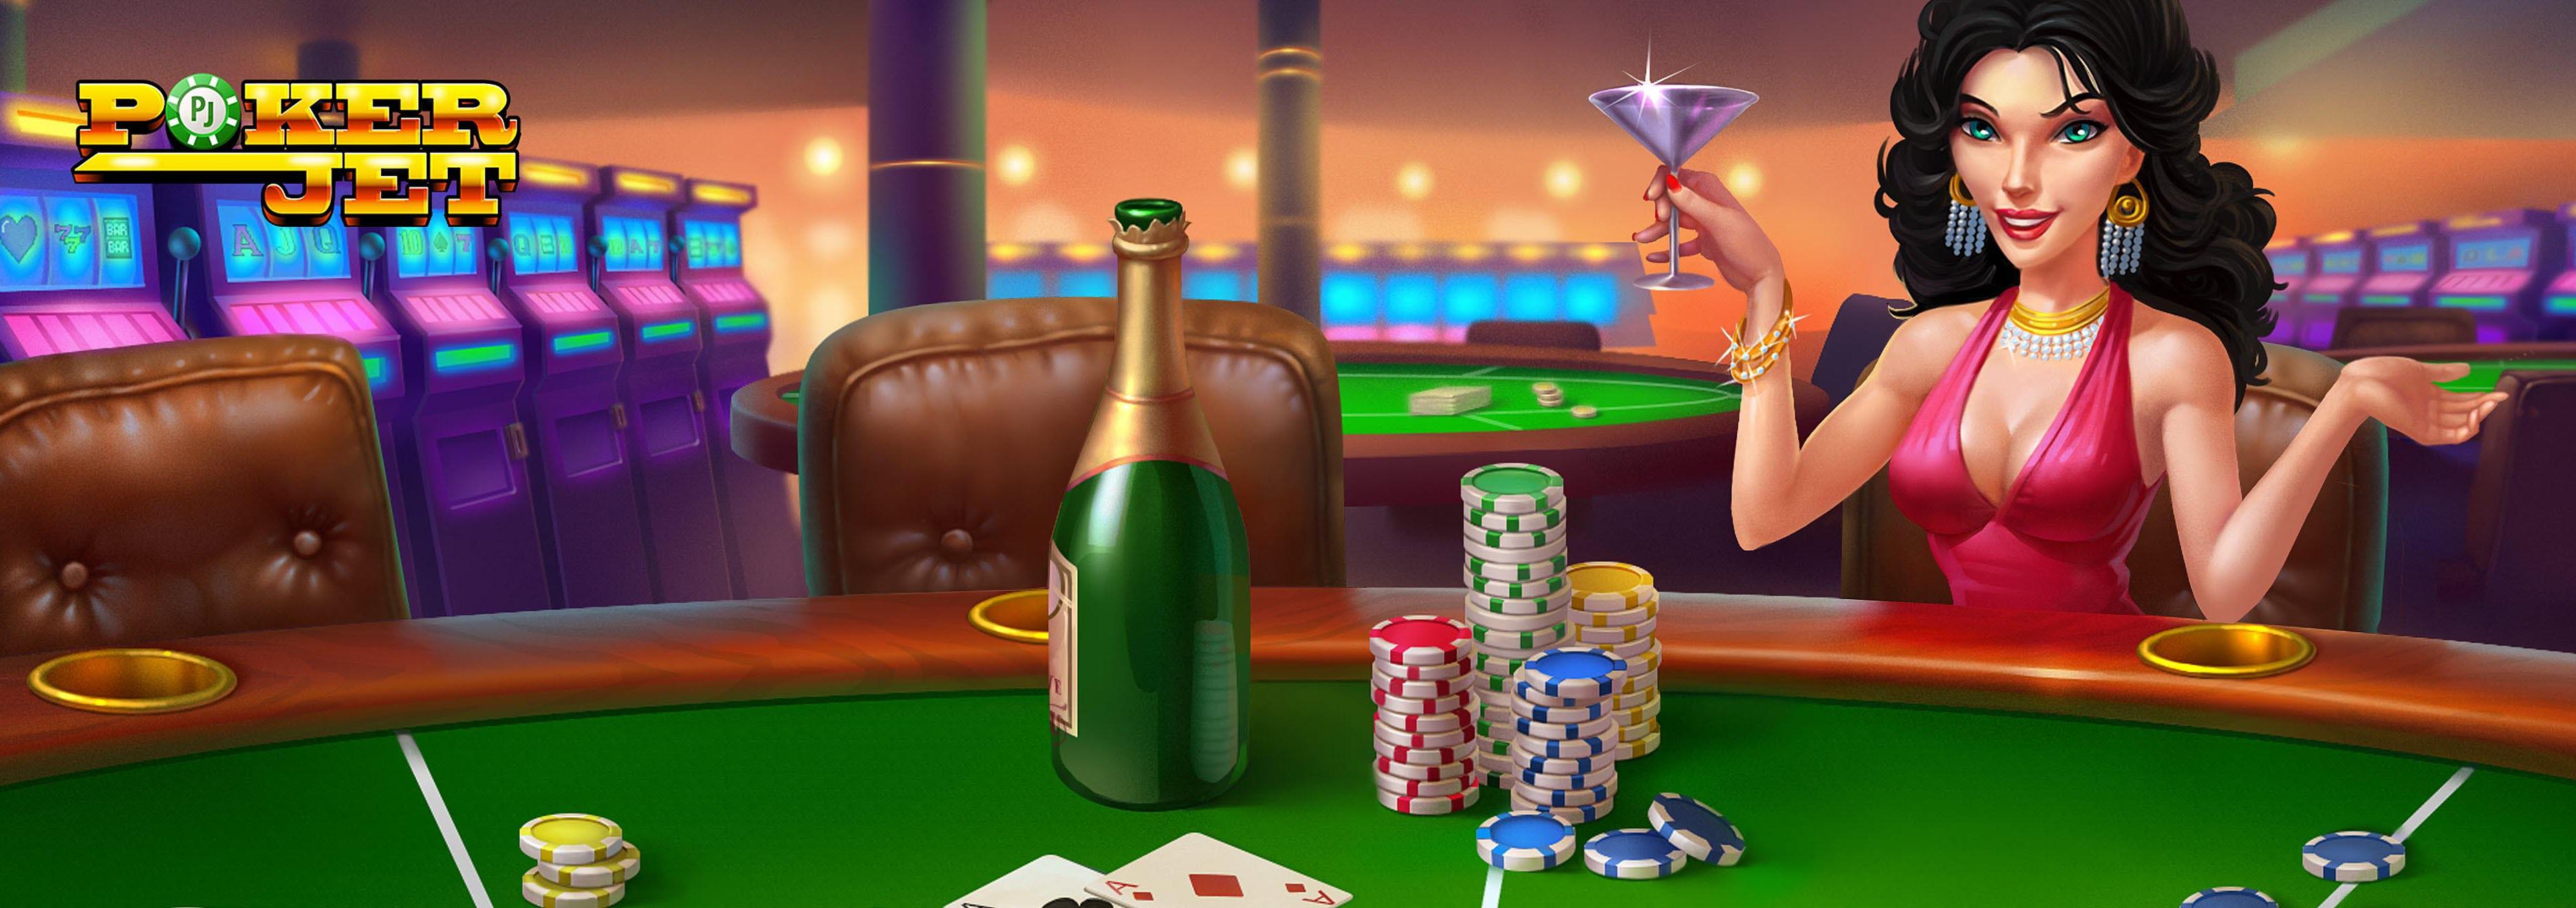 покер джет скачать бесплатно на компьютер